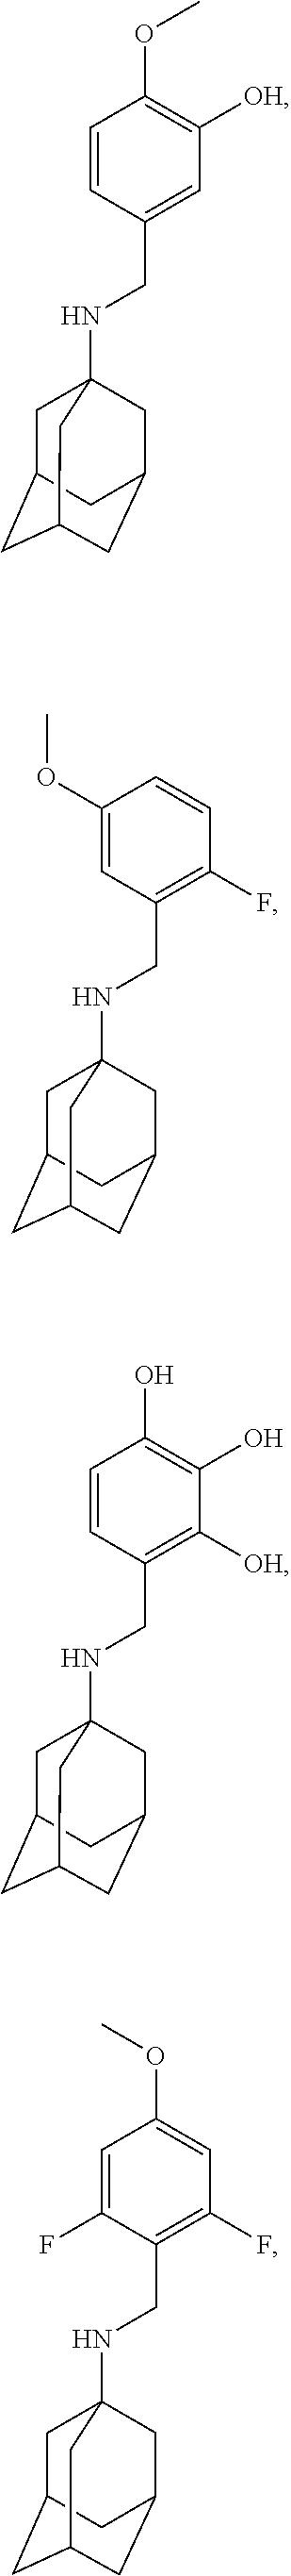 Figure US09884832-20180206-C00019